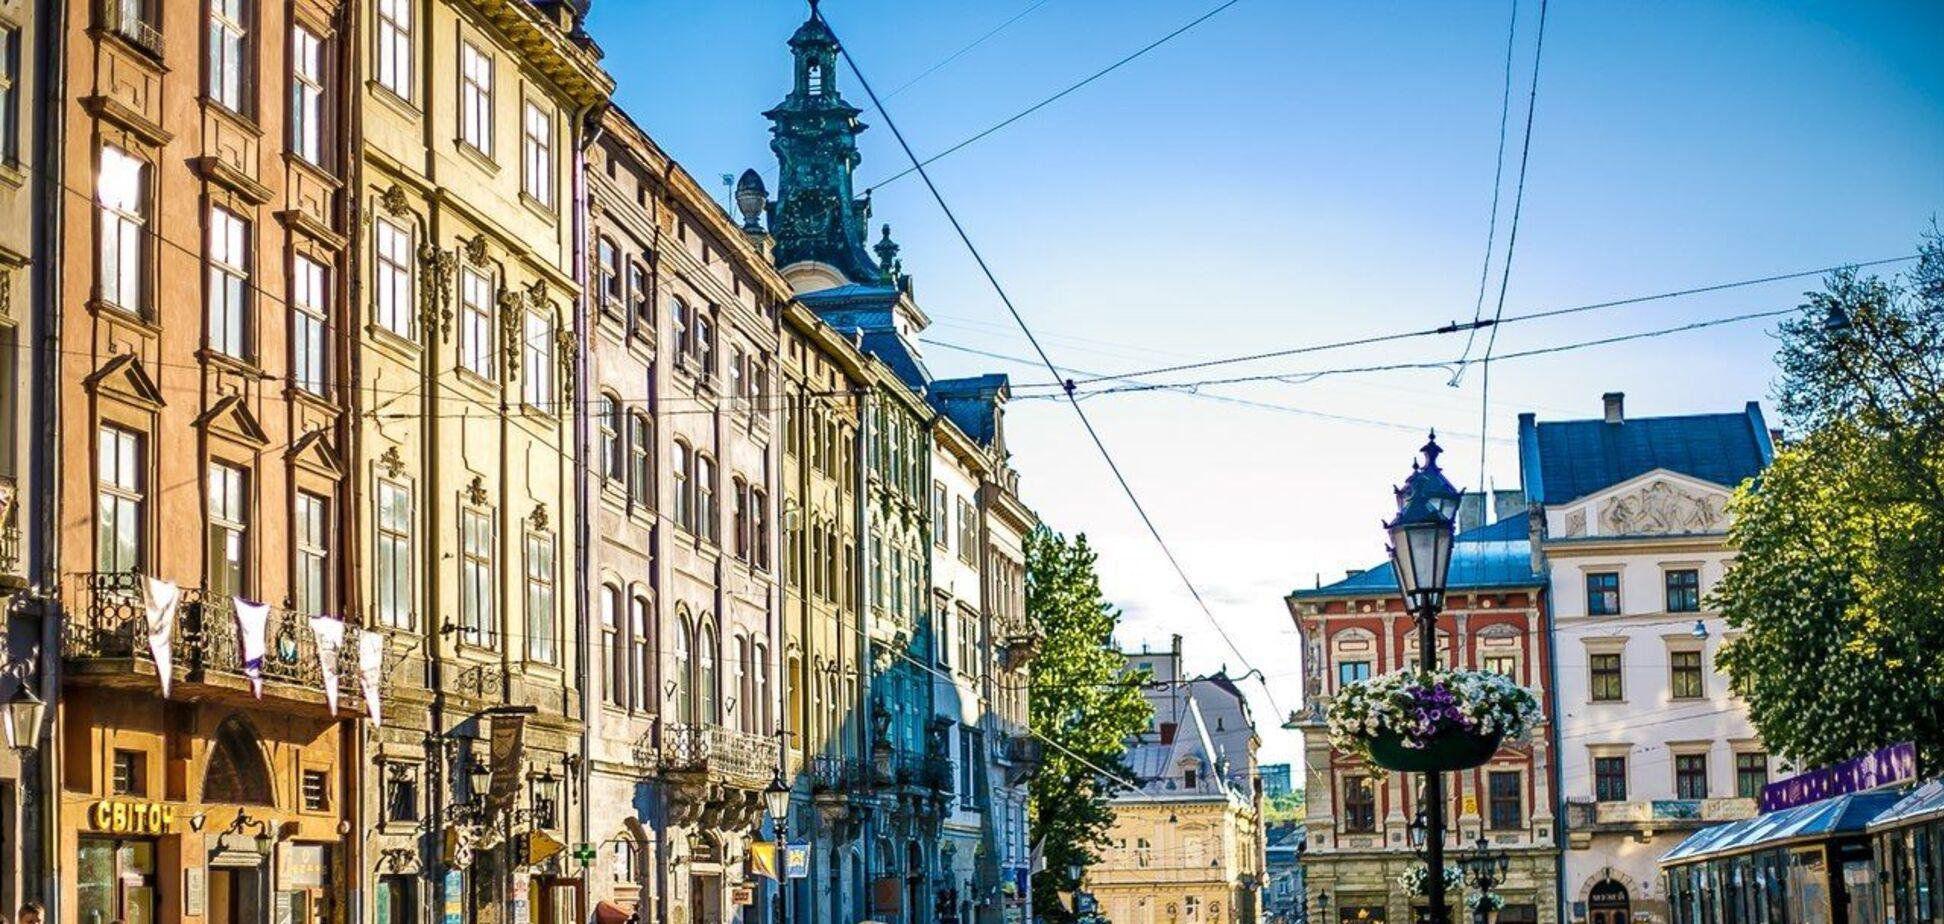 Во Львове 11-13 сентября состоялись Десятые Дни европейского наследия. Фото: Lviv.com